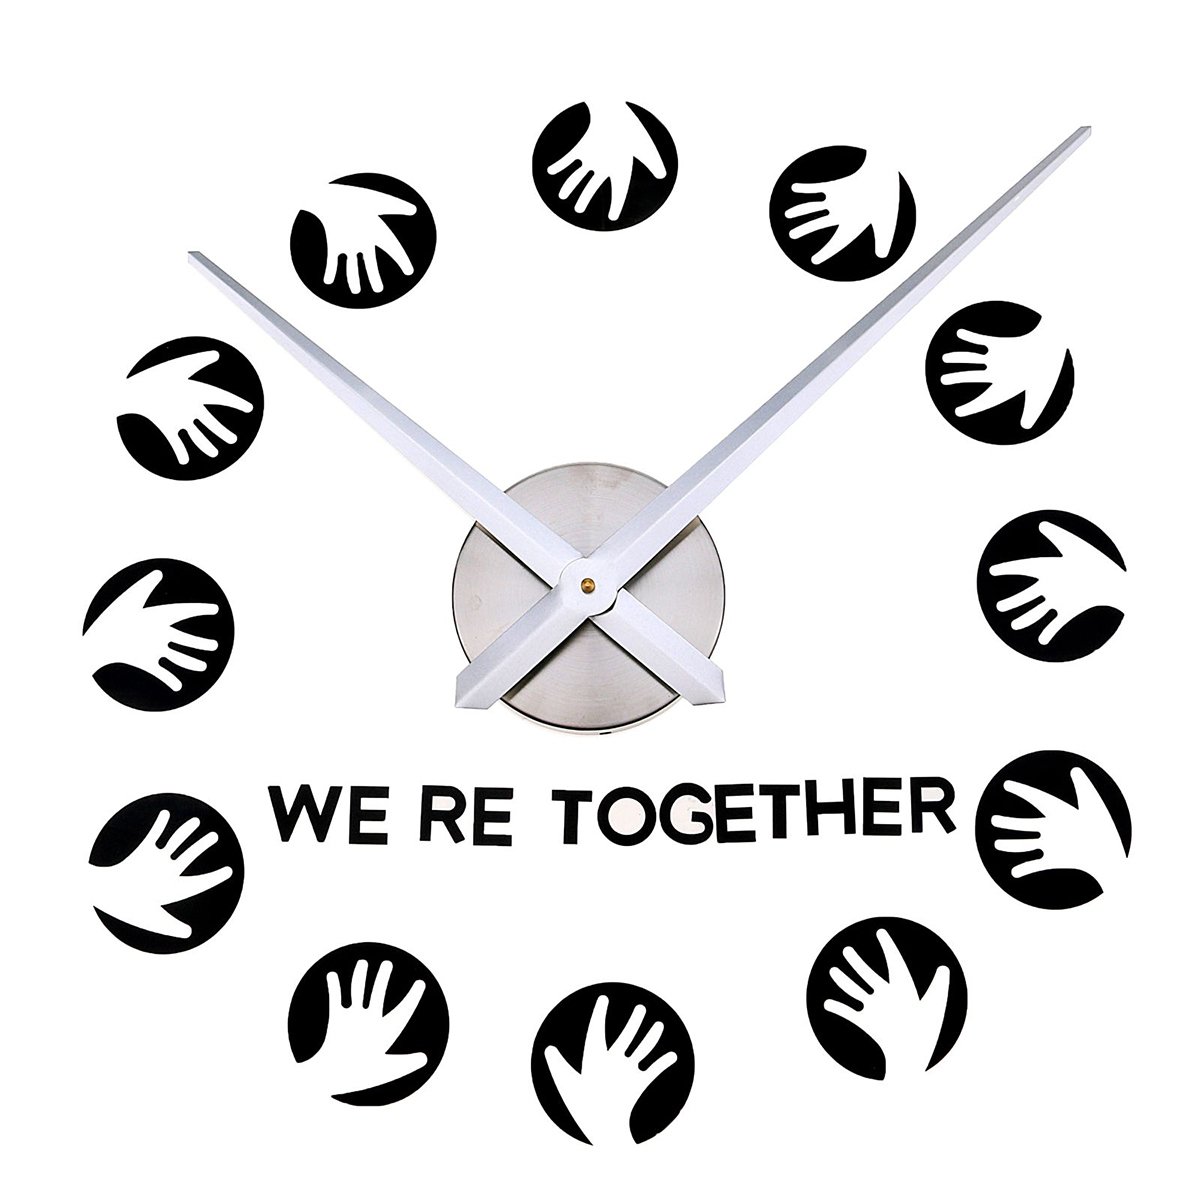 Часы-наклейка настенные DIY Ладошки, 90 см2366729Каждому хозяину периодически приходит мысль обновить свою квартиру, сделать ремонт, перестановку или кардинально поменять внешний вид каждой комнаты. Часы-наклейка DIY Ладошки, 90см — привлекательная деталь, которая поможет воплотить вашу интерьерную идею, создать неповторимую атмосферу в вашем доме. Окружите себя приятными мелочами, пусть они радуют глаз и дарят гармонию.Часы-наклейка DIY Ладошки, 90см 2366729